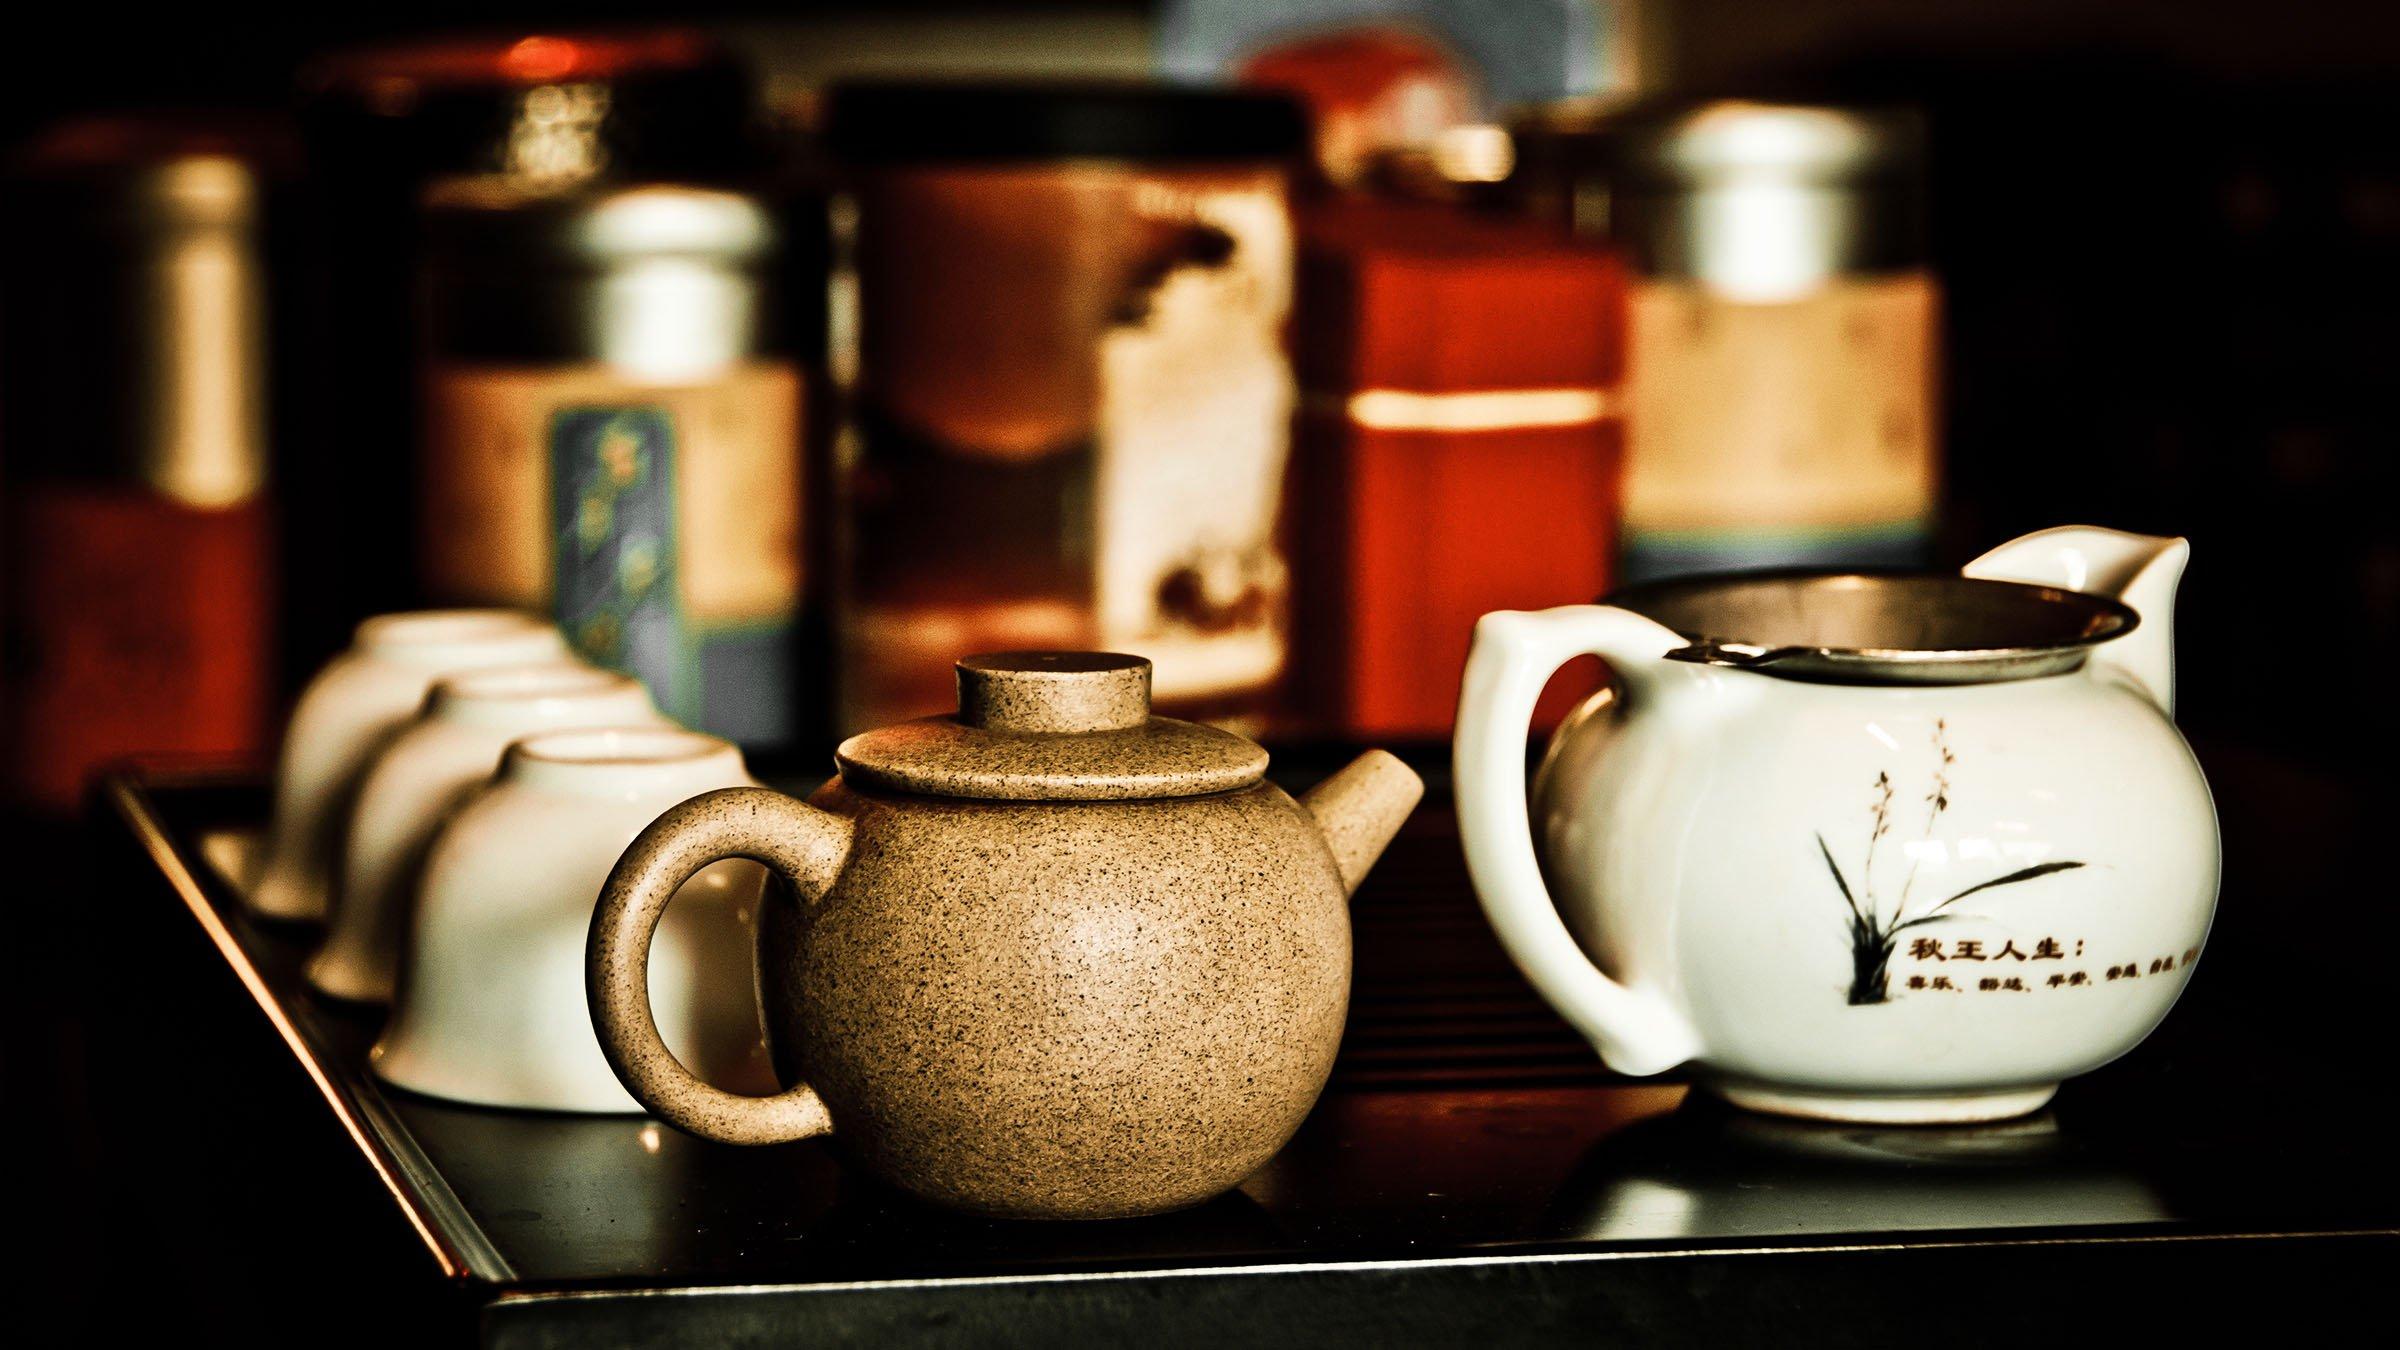 costumbres orientales vasijas